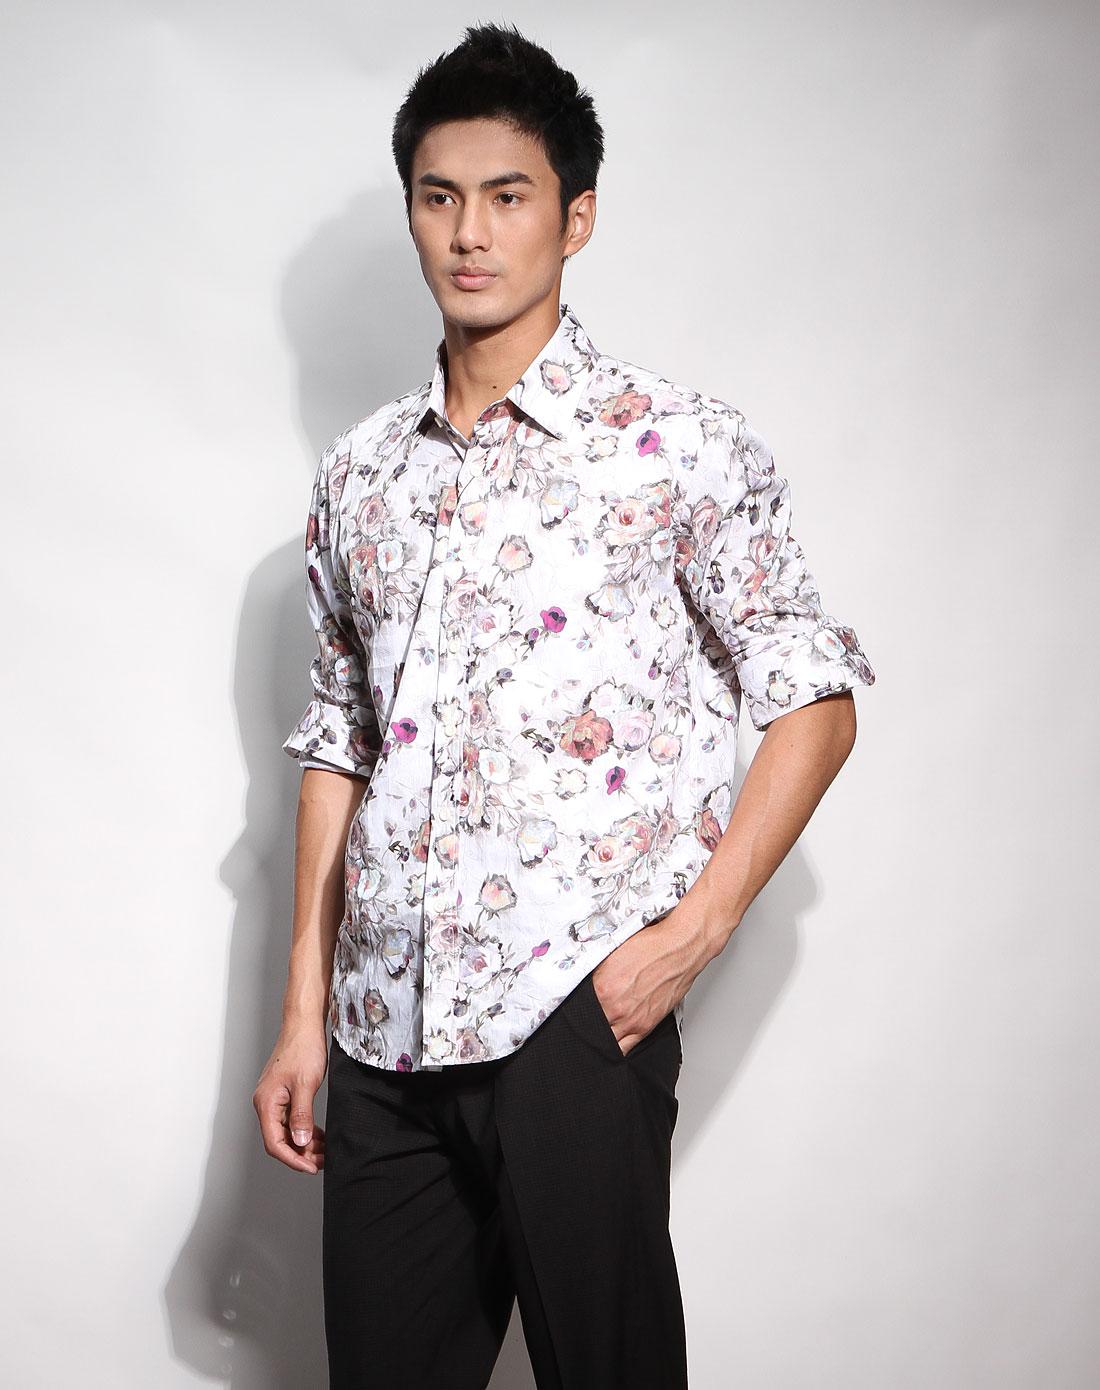 男款白底花儿图案时尚长袖衬衫